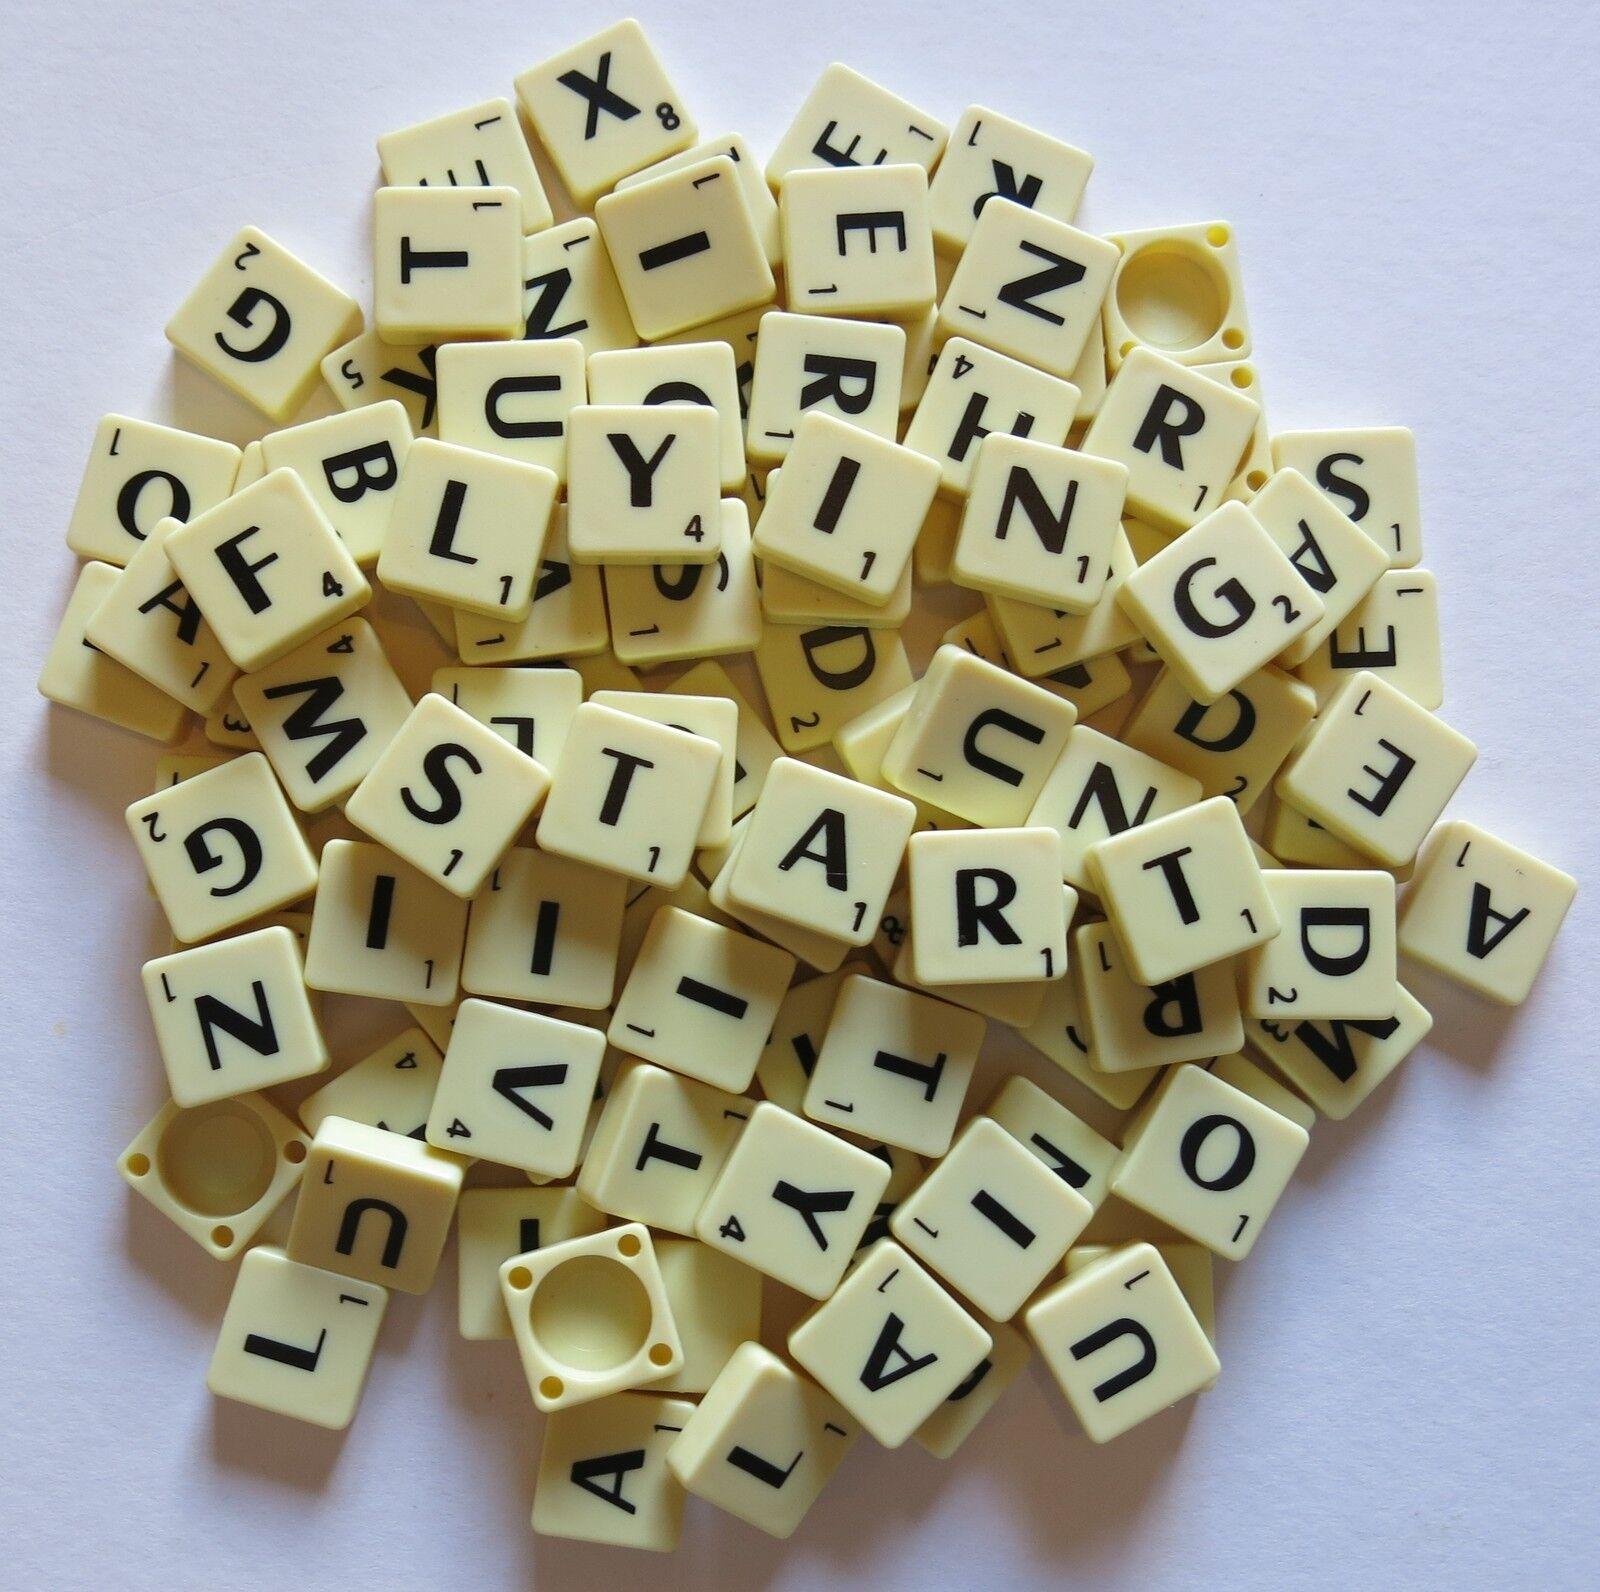 SCEGLI E MIX SCRABBLE TILES-Scegli la tua propria lettere e numeri 1 - 1000 TASSELLI